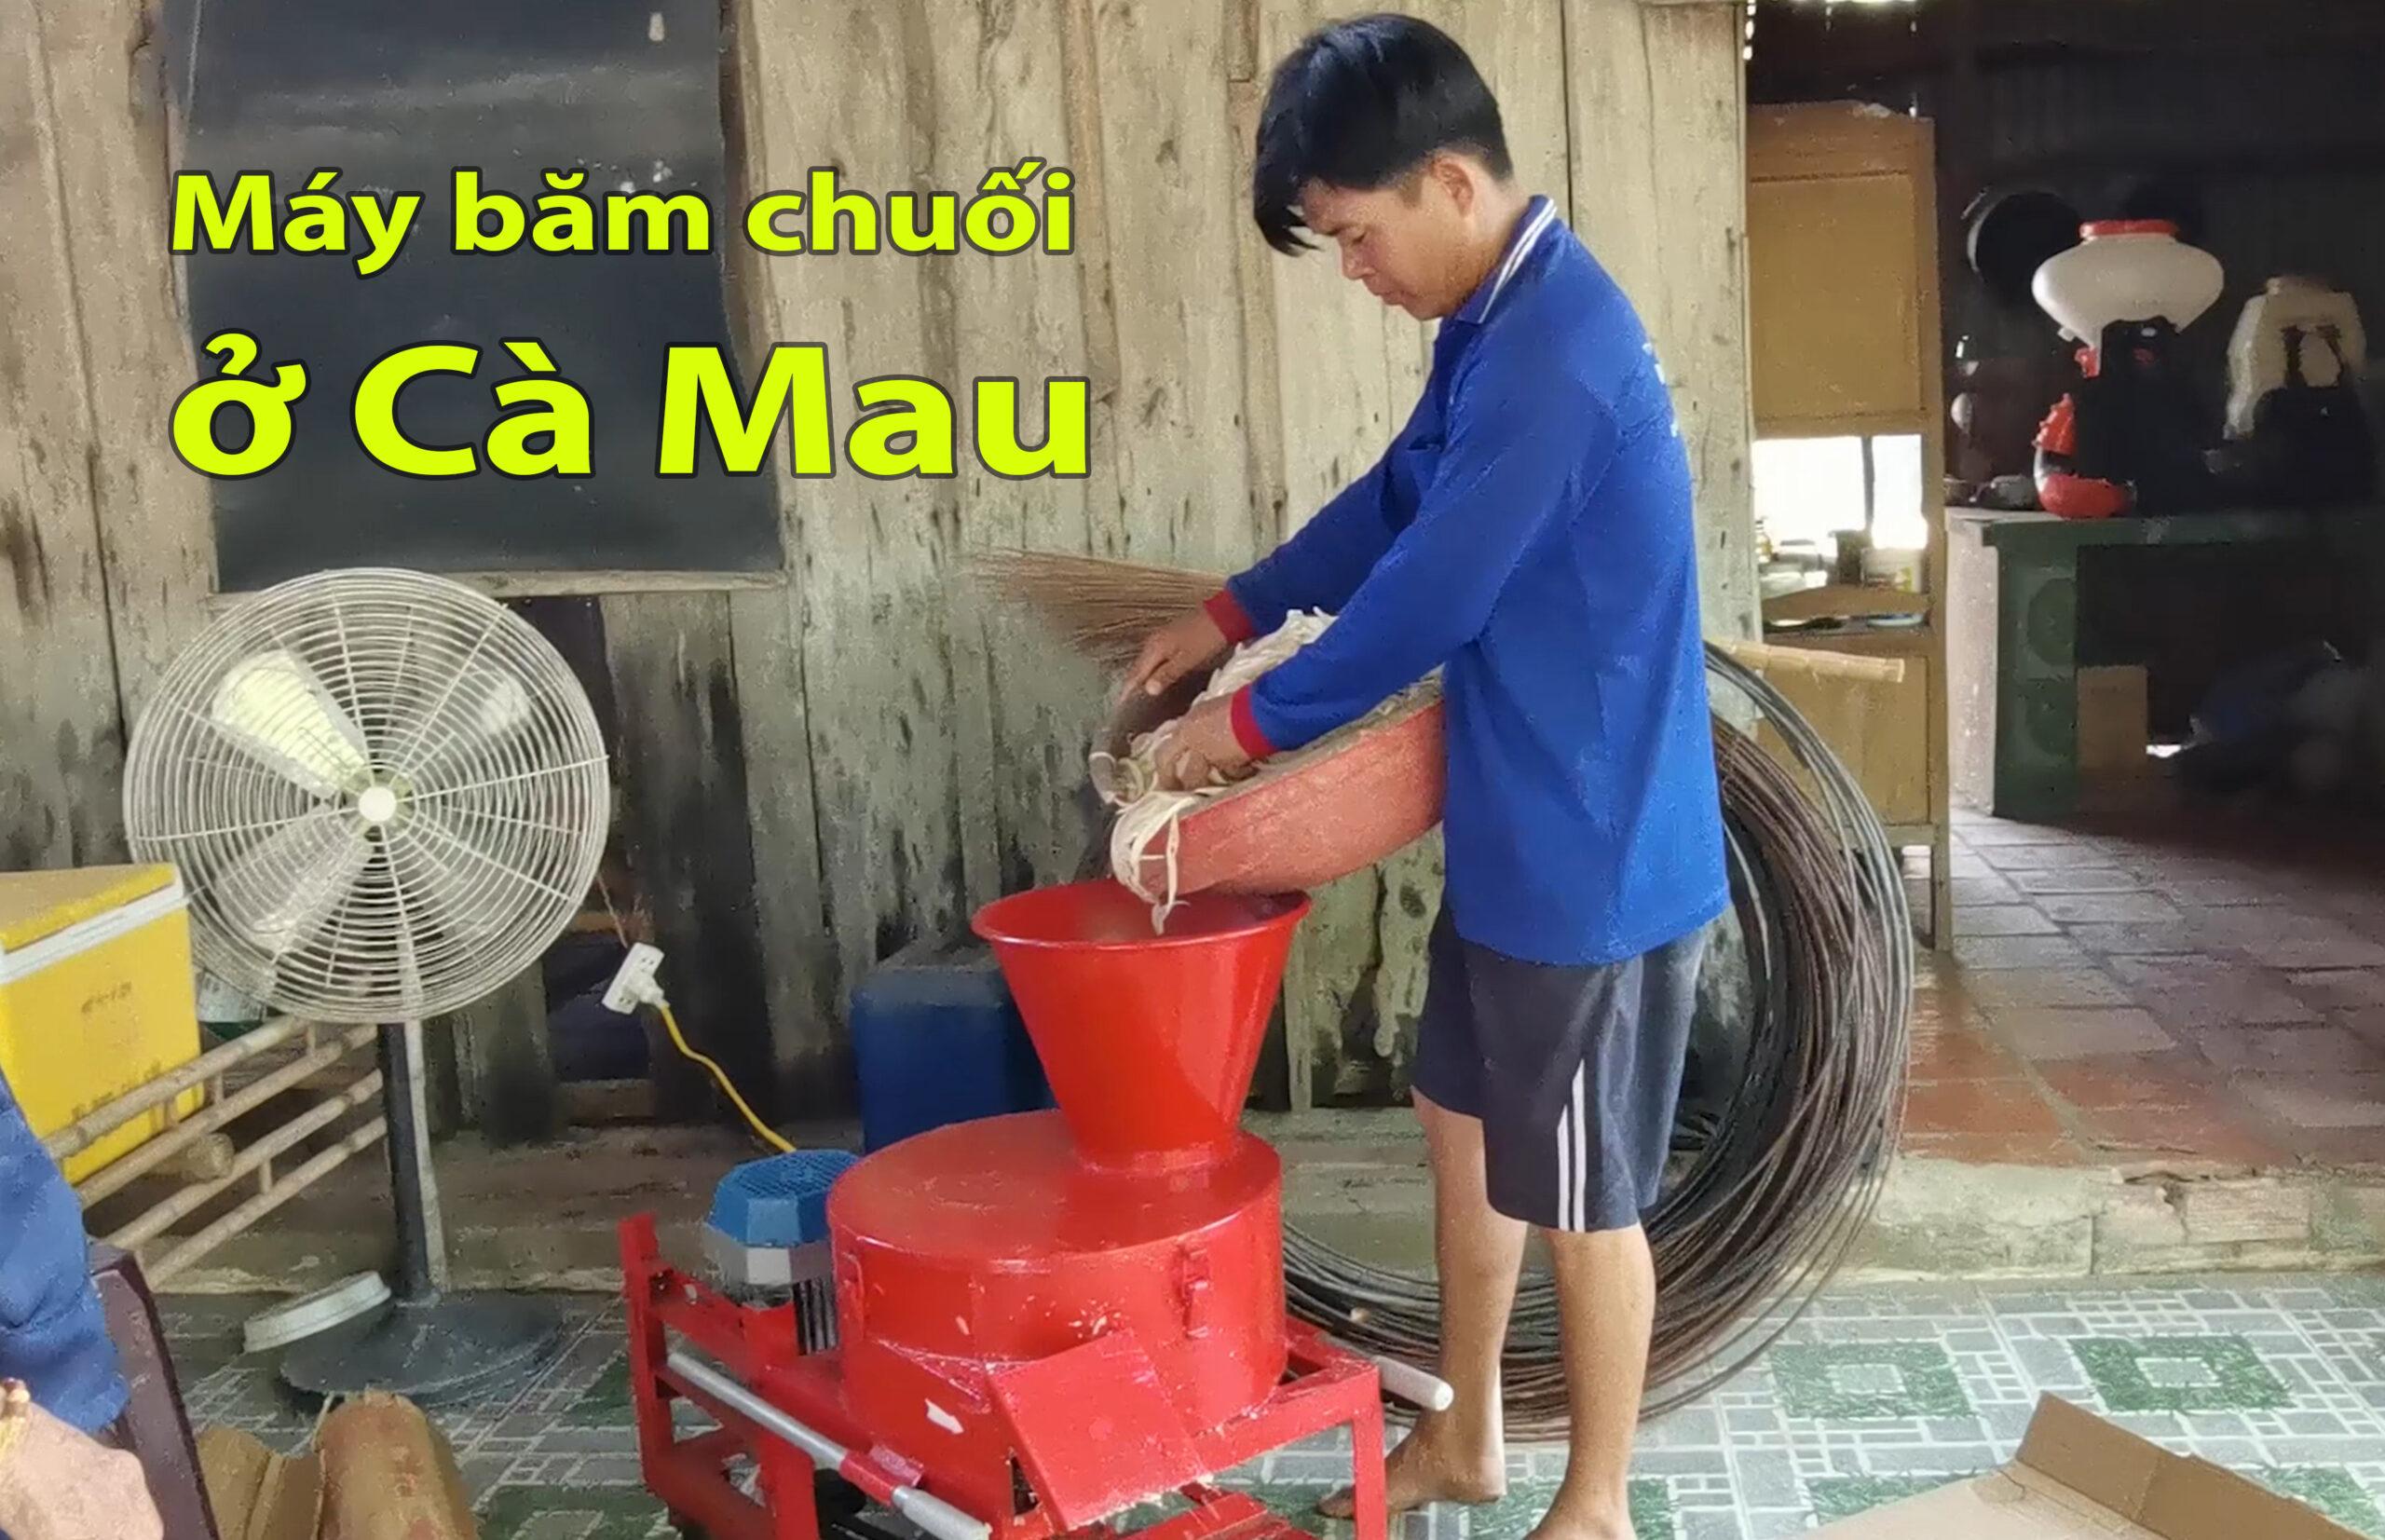 Máy băm chuối mịn TAKYO TK 3000, dòng máy băm thái chuối đa năng ở Cà Mau